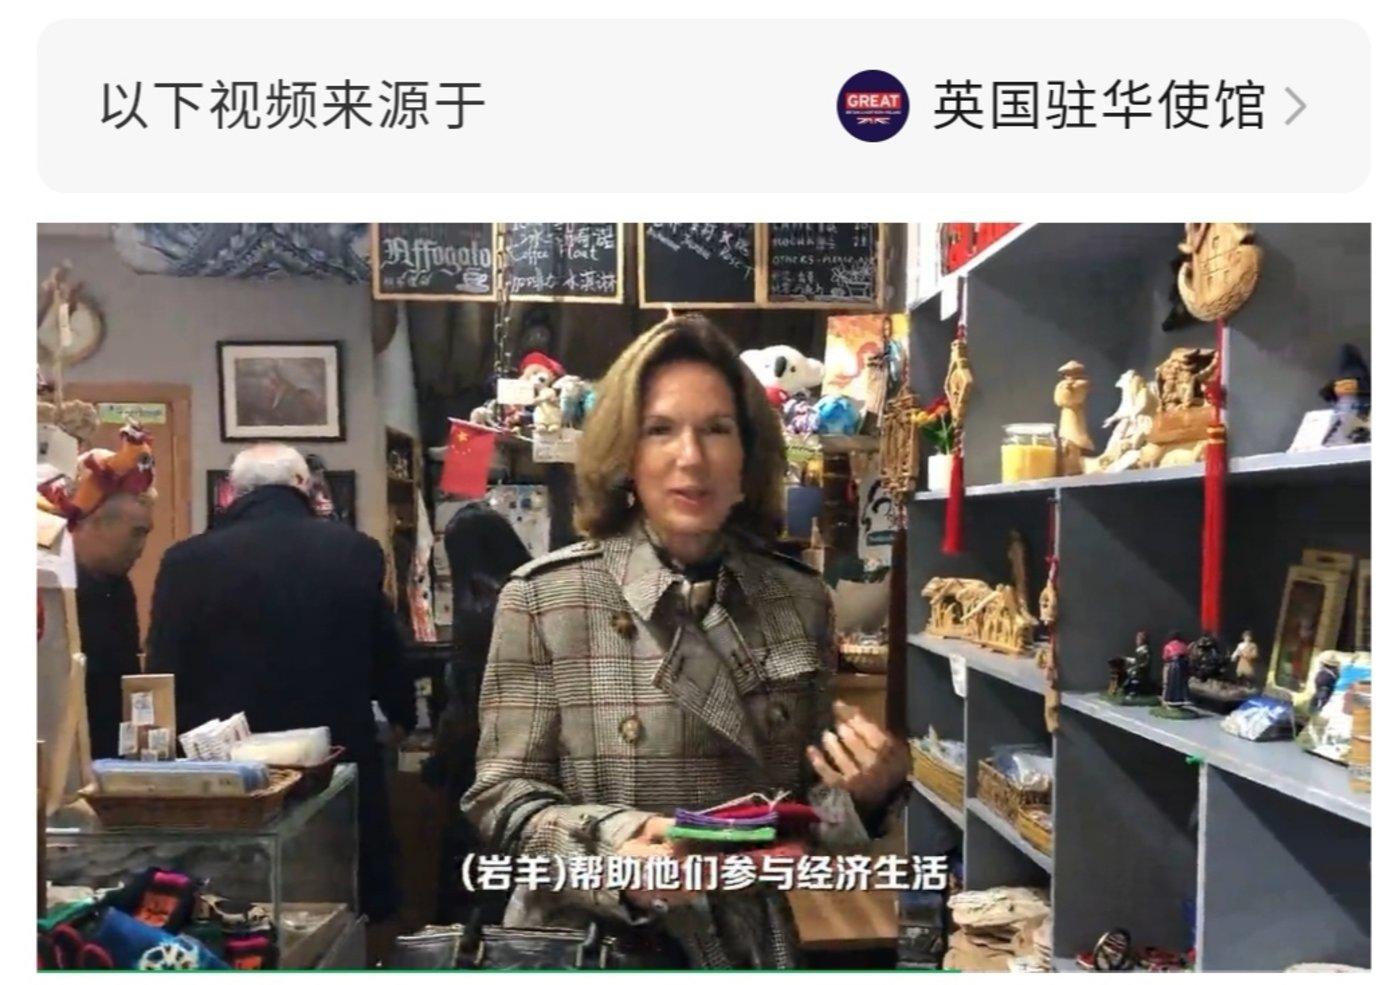 图:英国驻华大使到访岩羊公益店